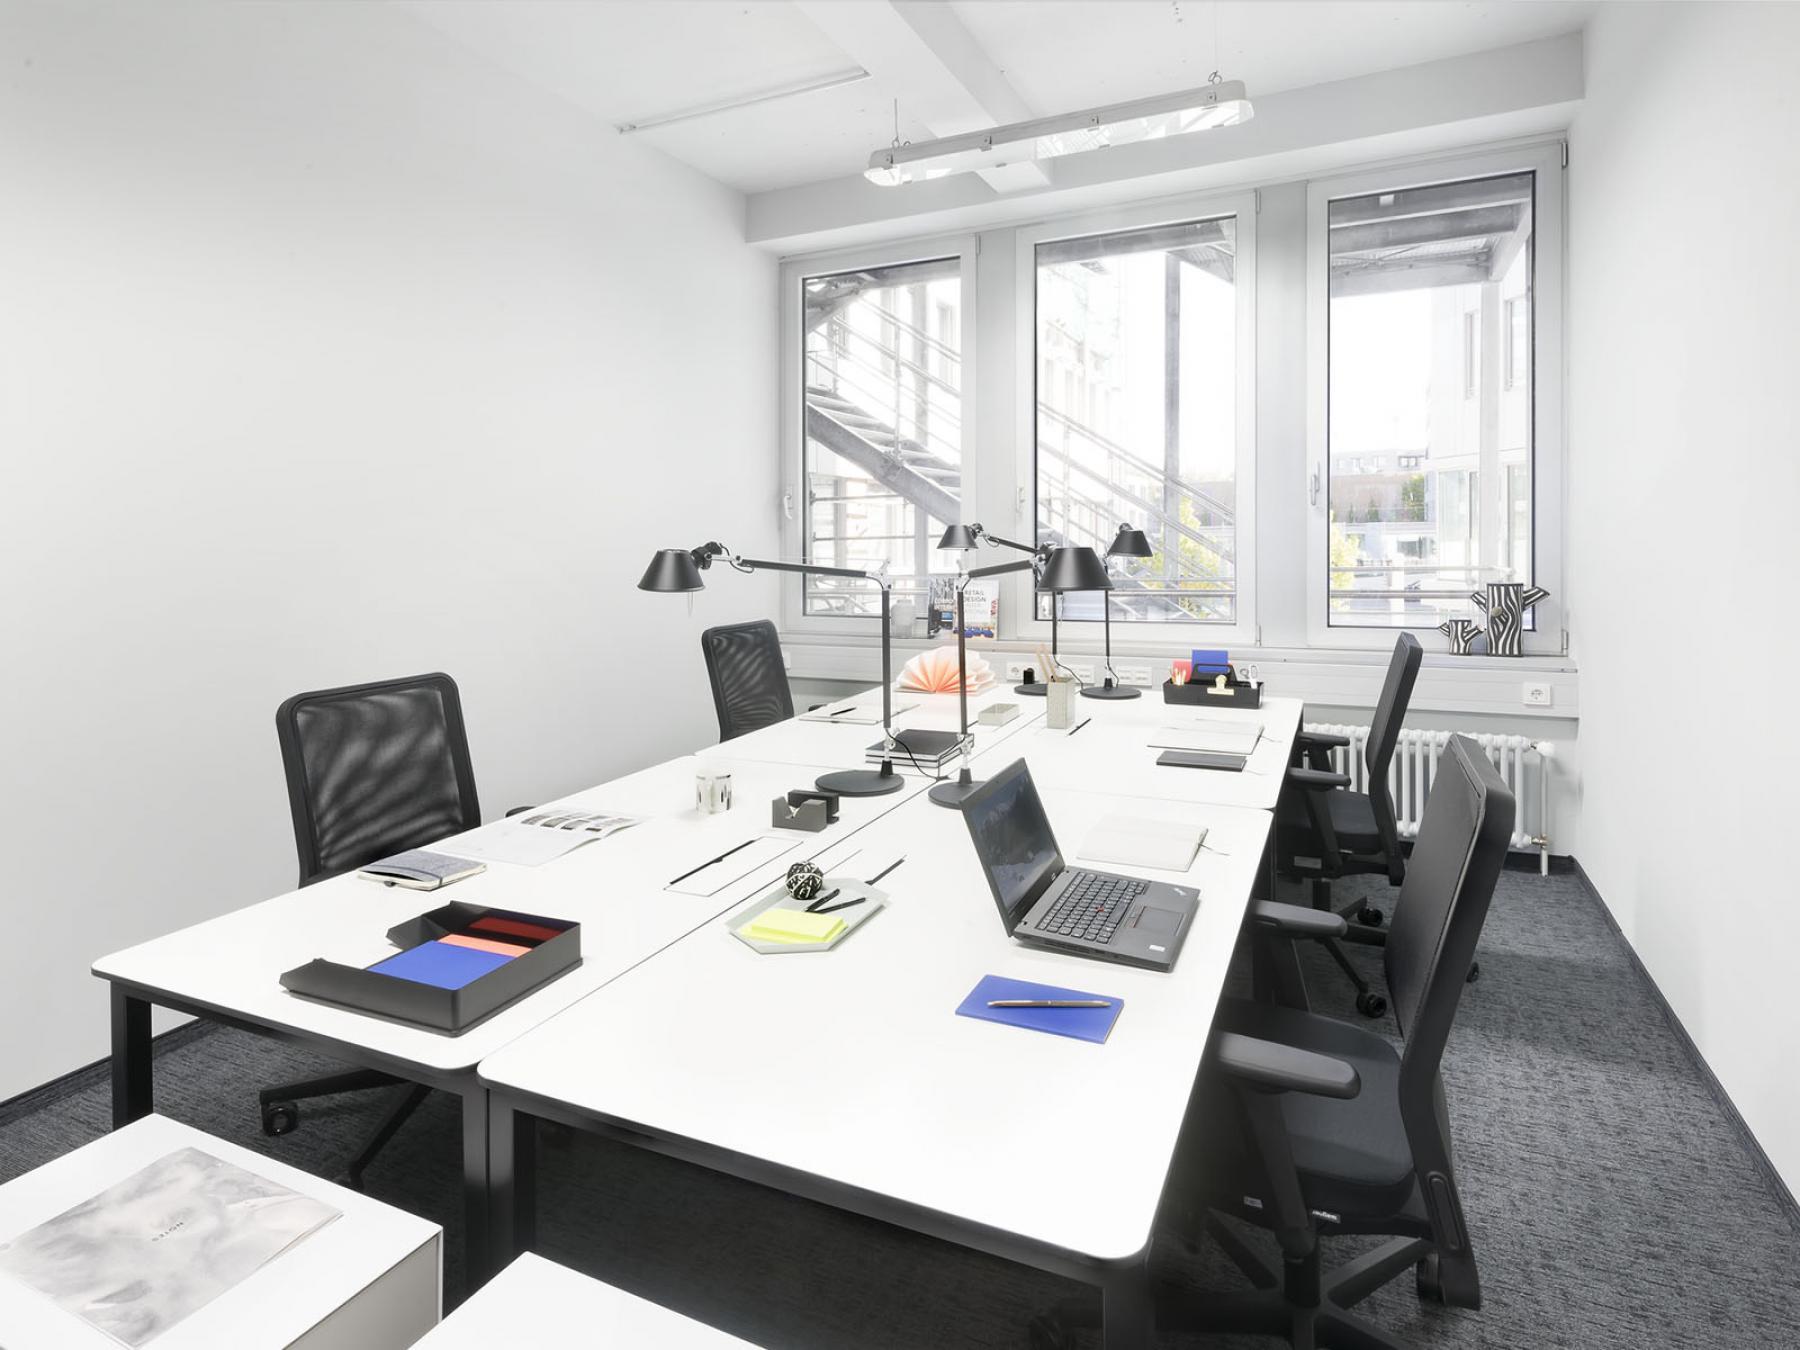 Modernes perfekt eingerichtetes Büro für mehrere Mitarbeiter